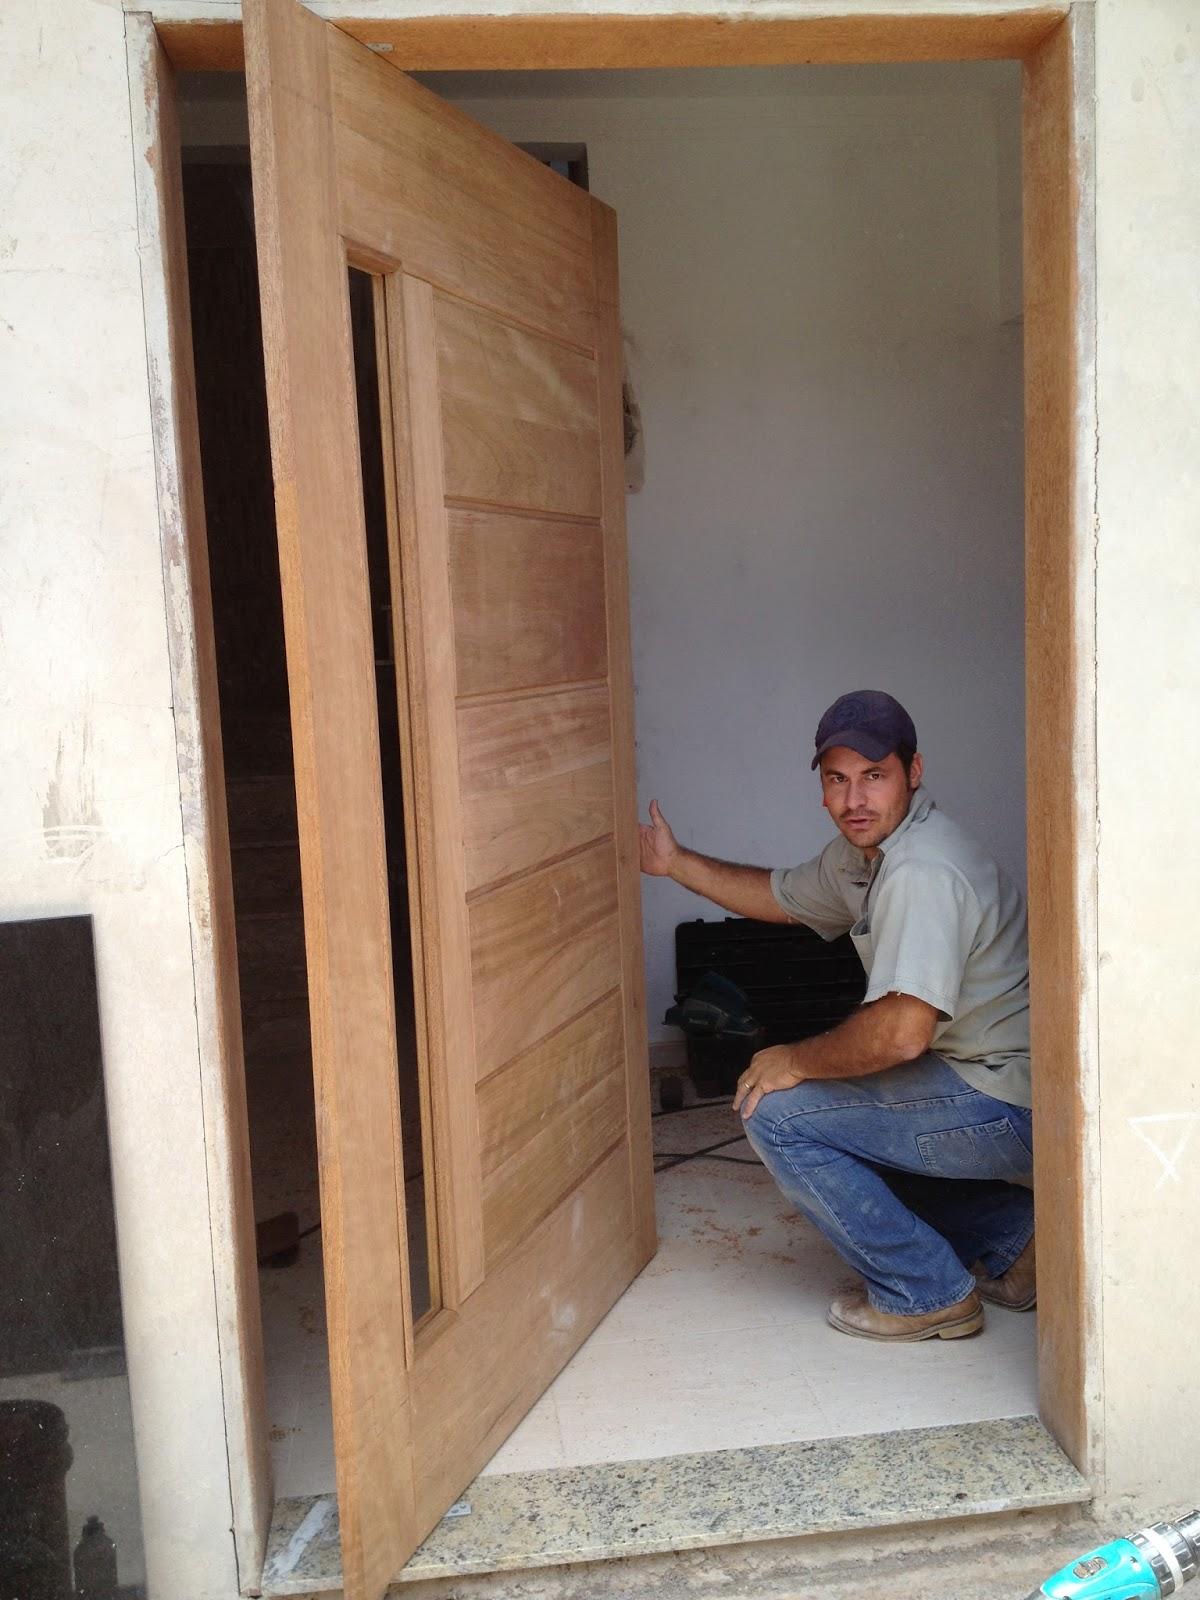 #8A6041 Olha meu marceneiro fazendo charme!! Irmão Marcio foi benção na  246 Janelas De Vidro Pivotantes